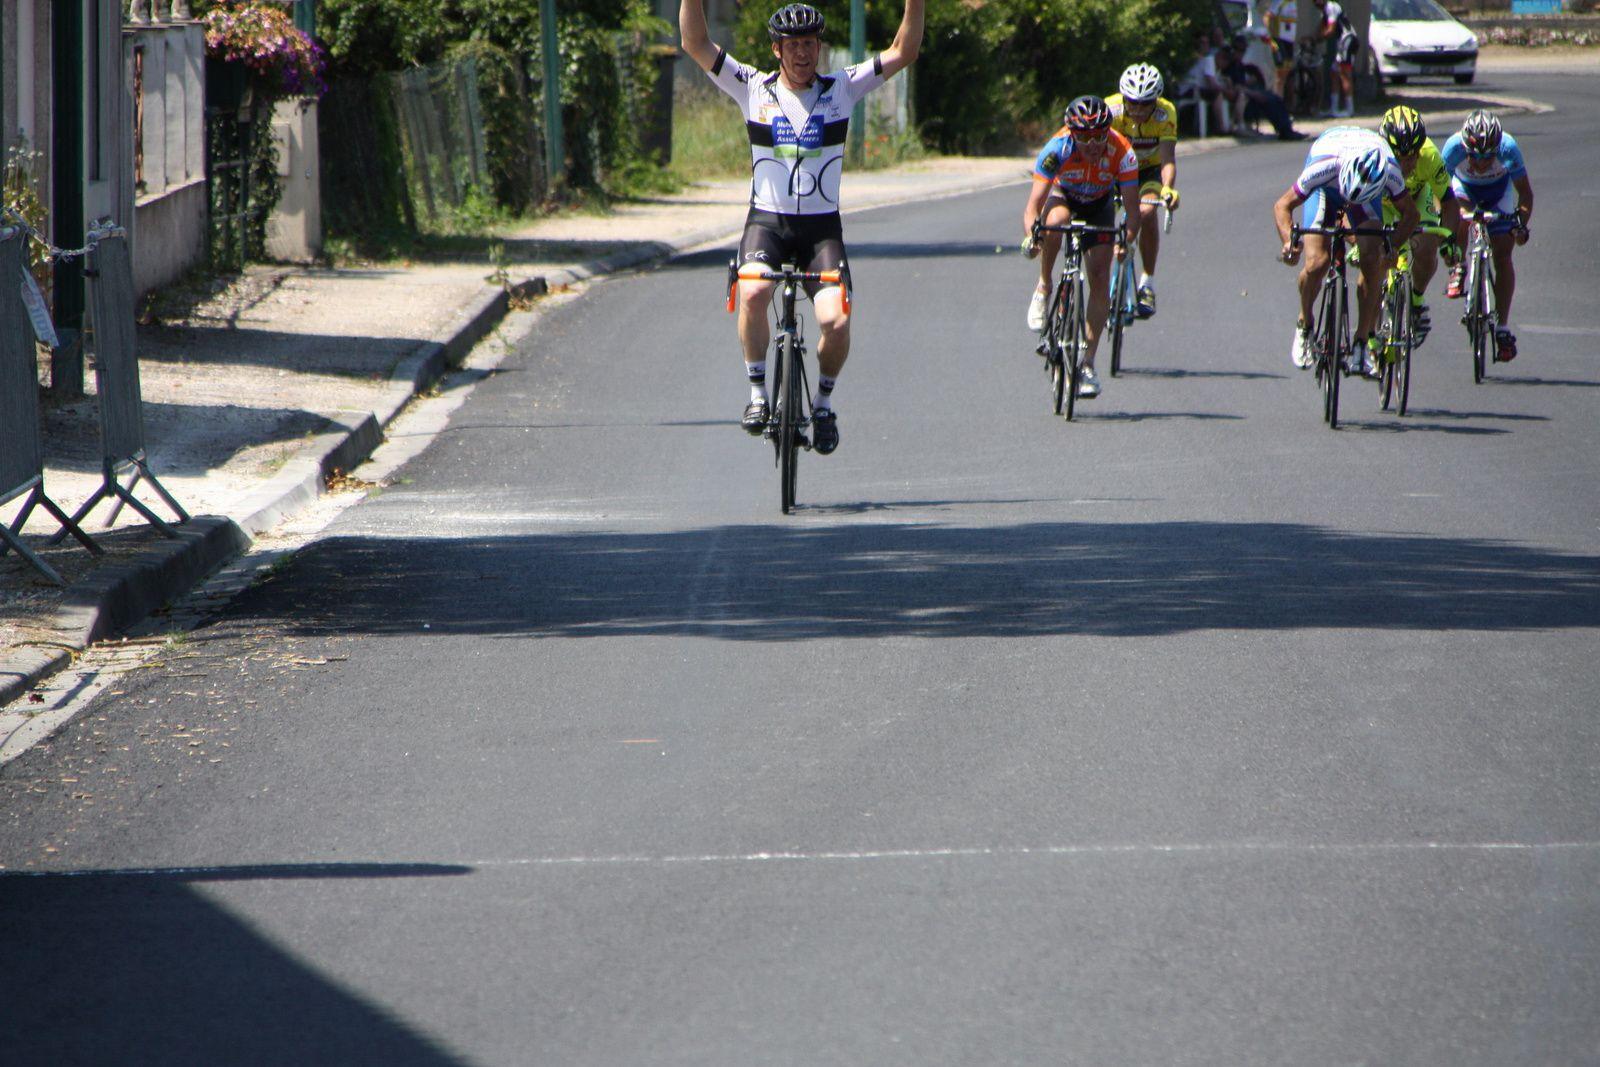 L'arrivée  et  la  victoire  pour  Jérome  BERTRAND(Côte de Beauté C), 2e  Jean-Jacques  SCKOLNIK(AVC  Libourne), 3e  Bruno  VERHOEVEN(UVA)